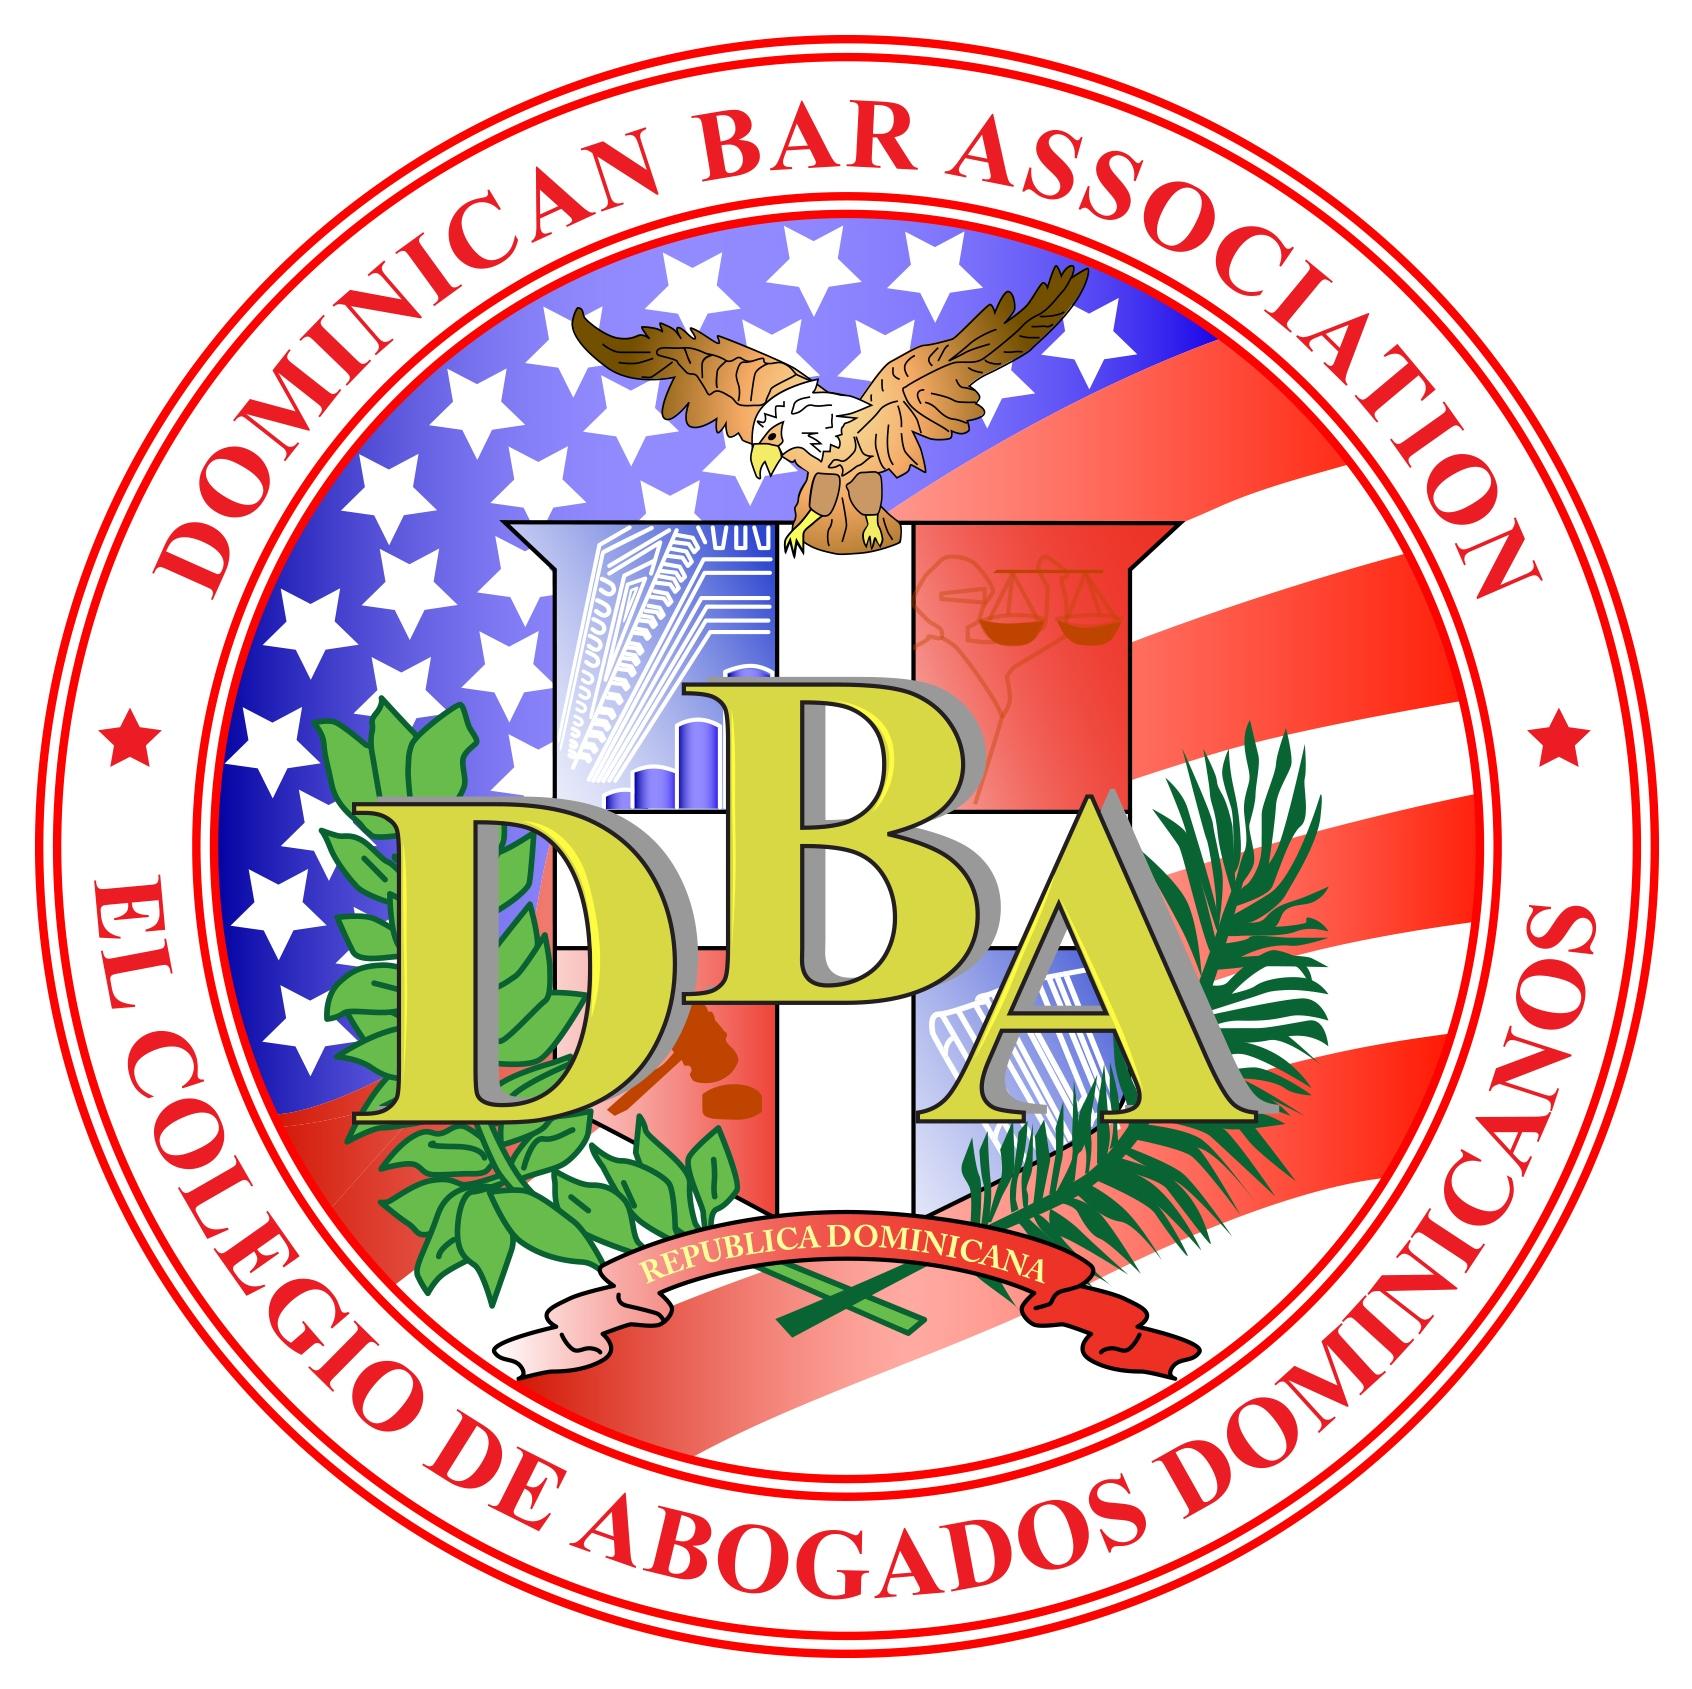 Dominican Bar Association